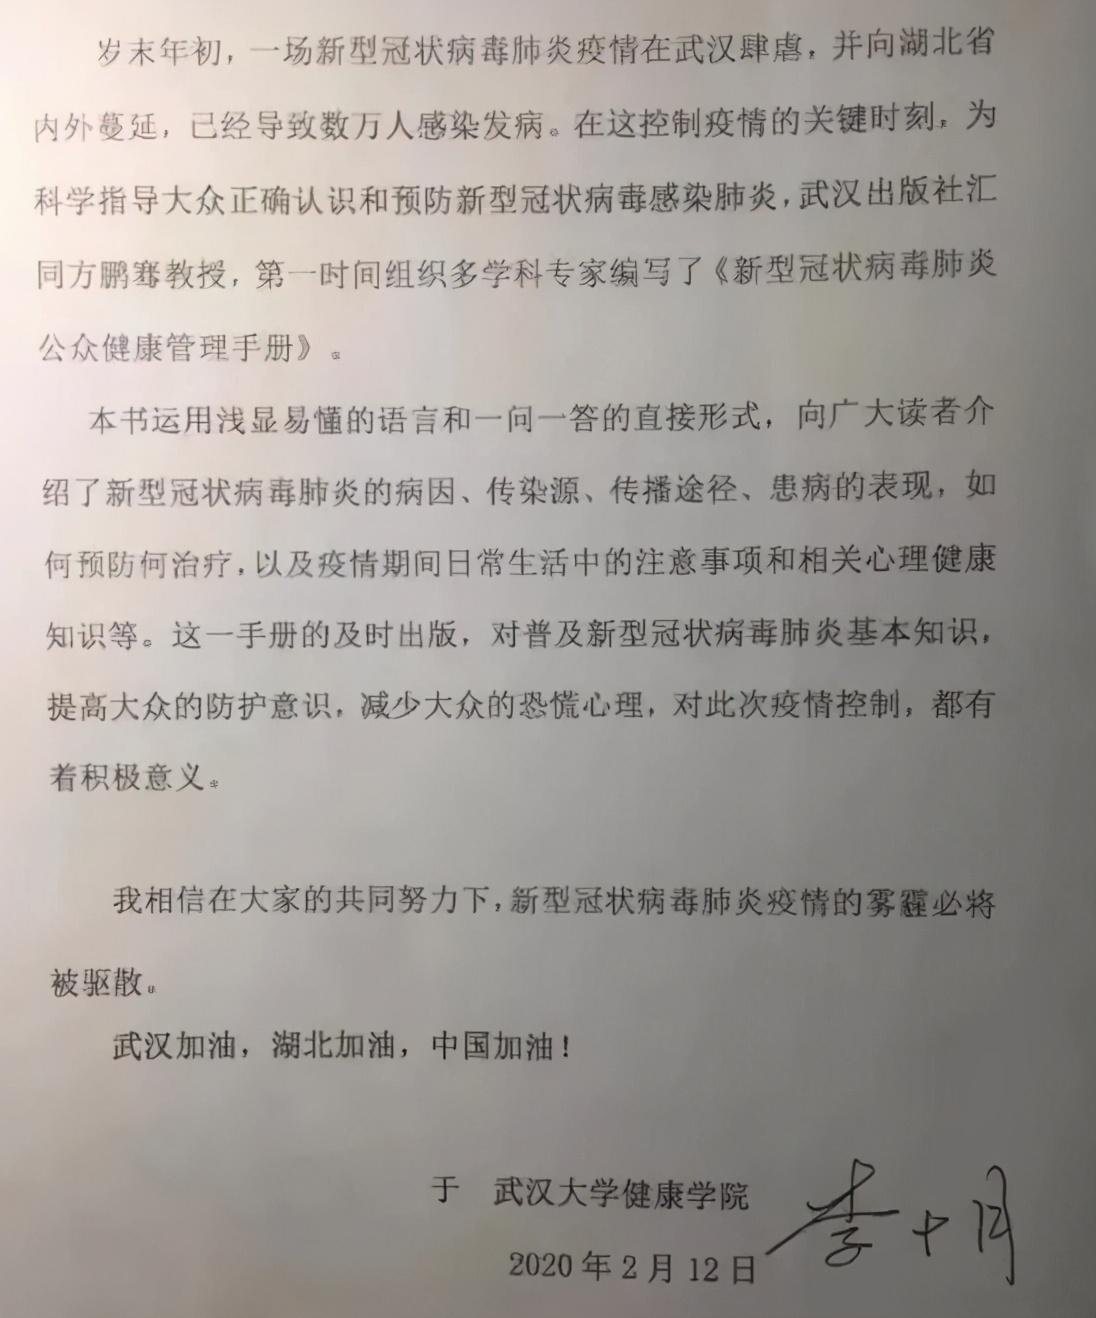 湖北新冠疫情专家李十月离世,最后遗愿回武汉